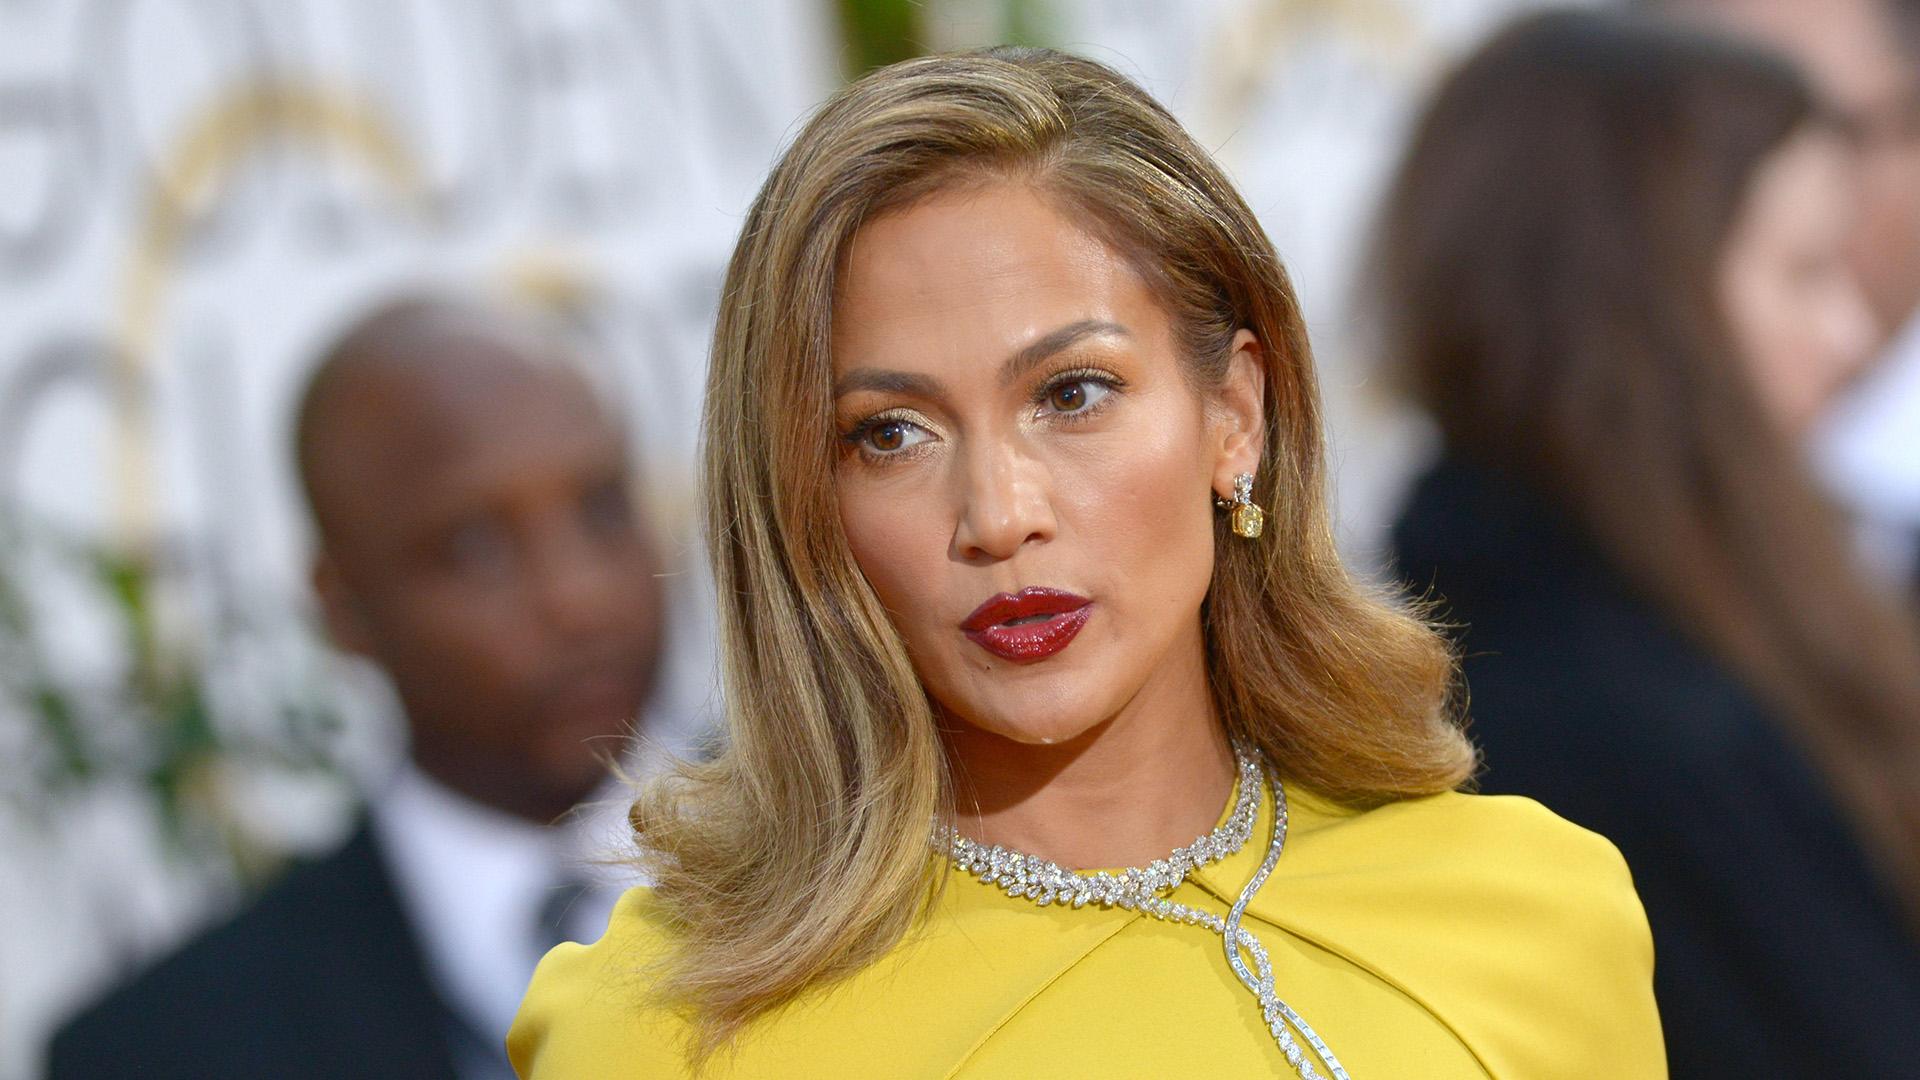 Jennifer Lopez es cantante, bailarina, actriz, compositora, diseñadora de moda y productora discográfica